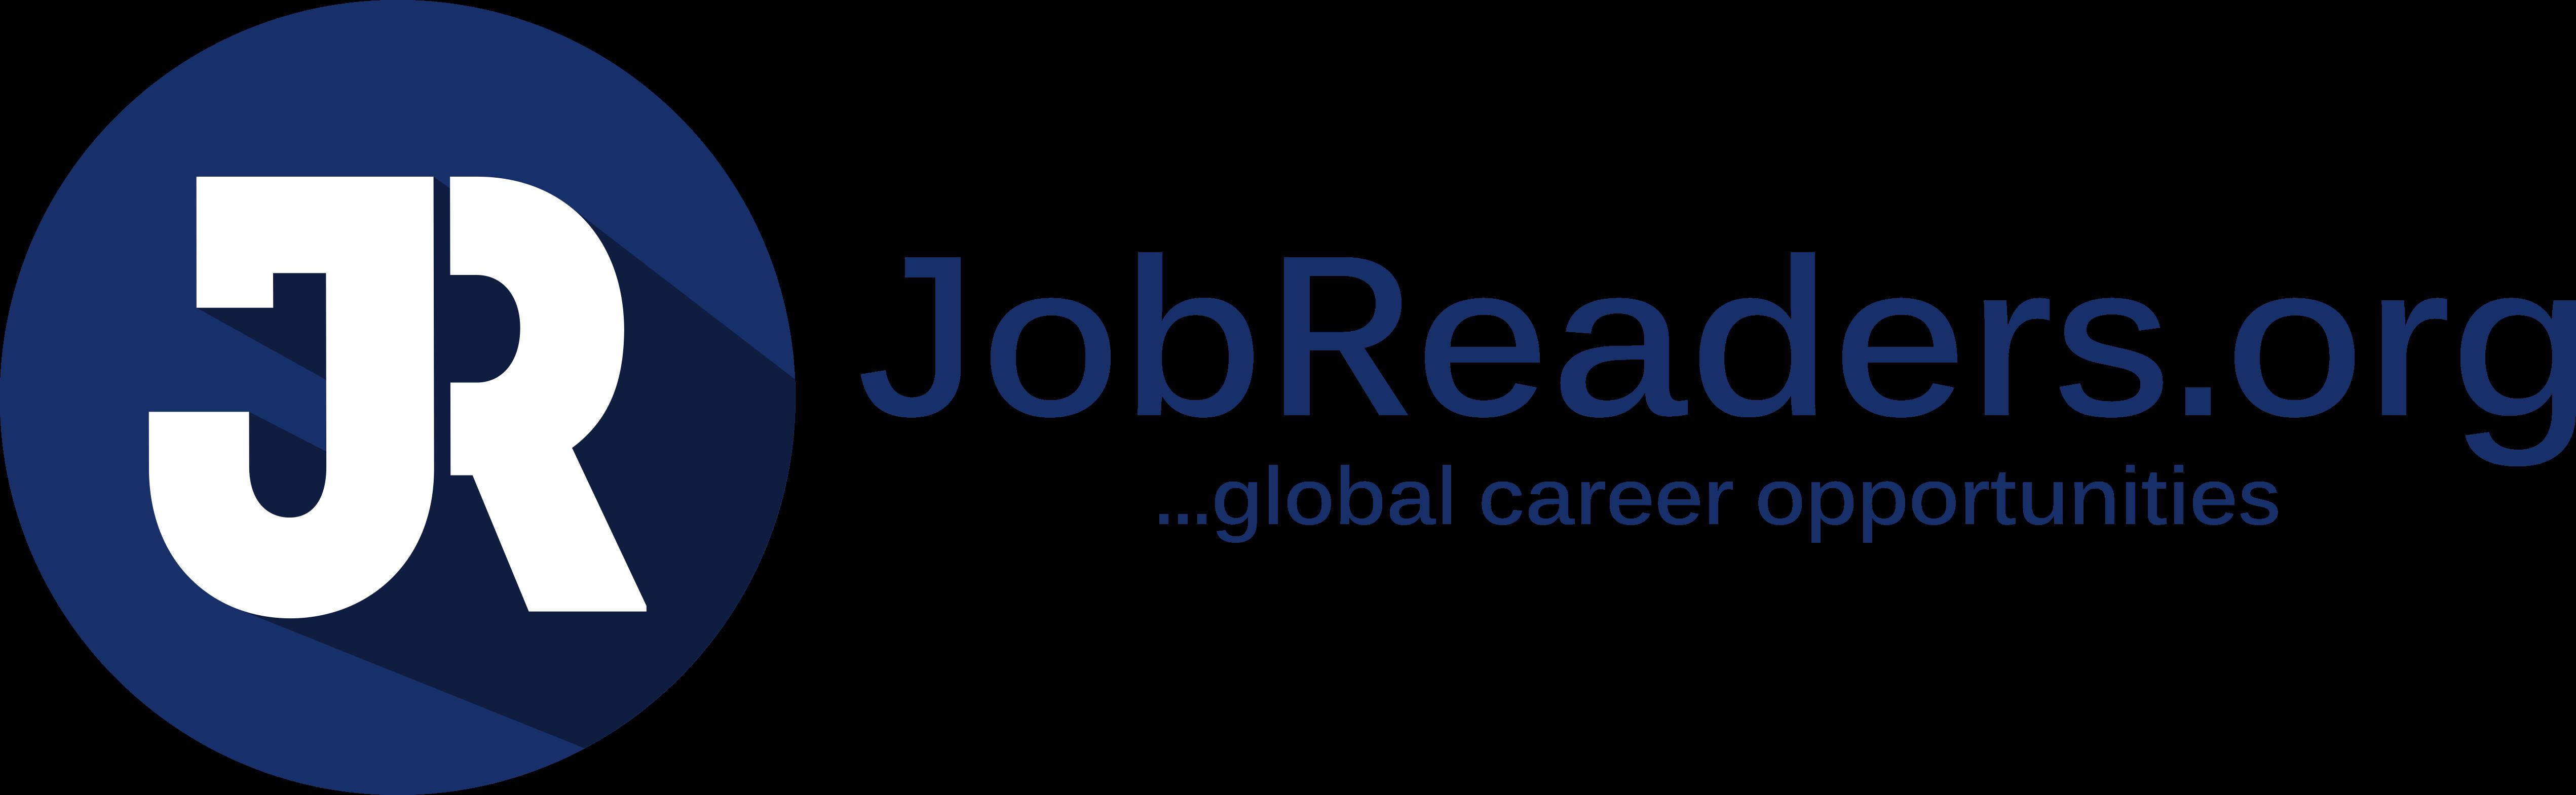 Jobreaders